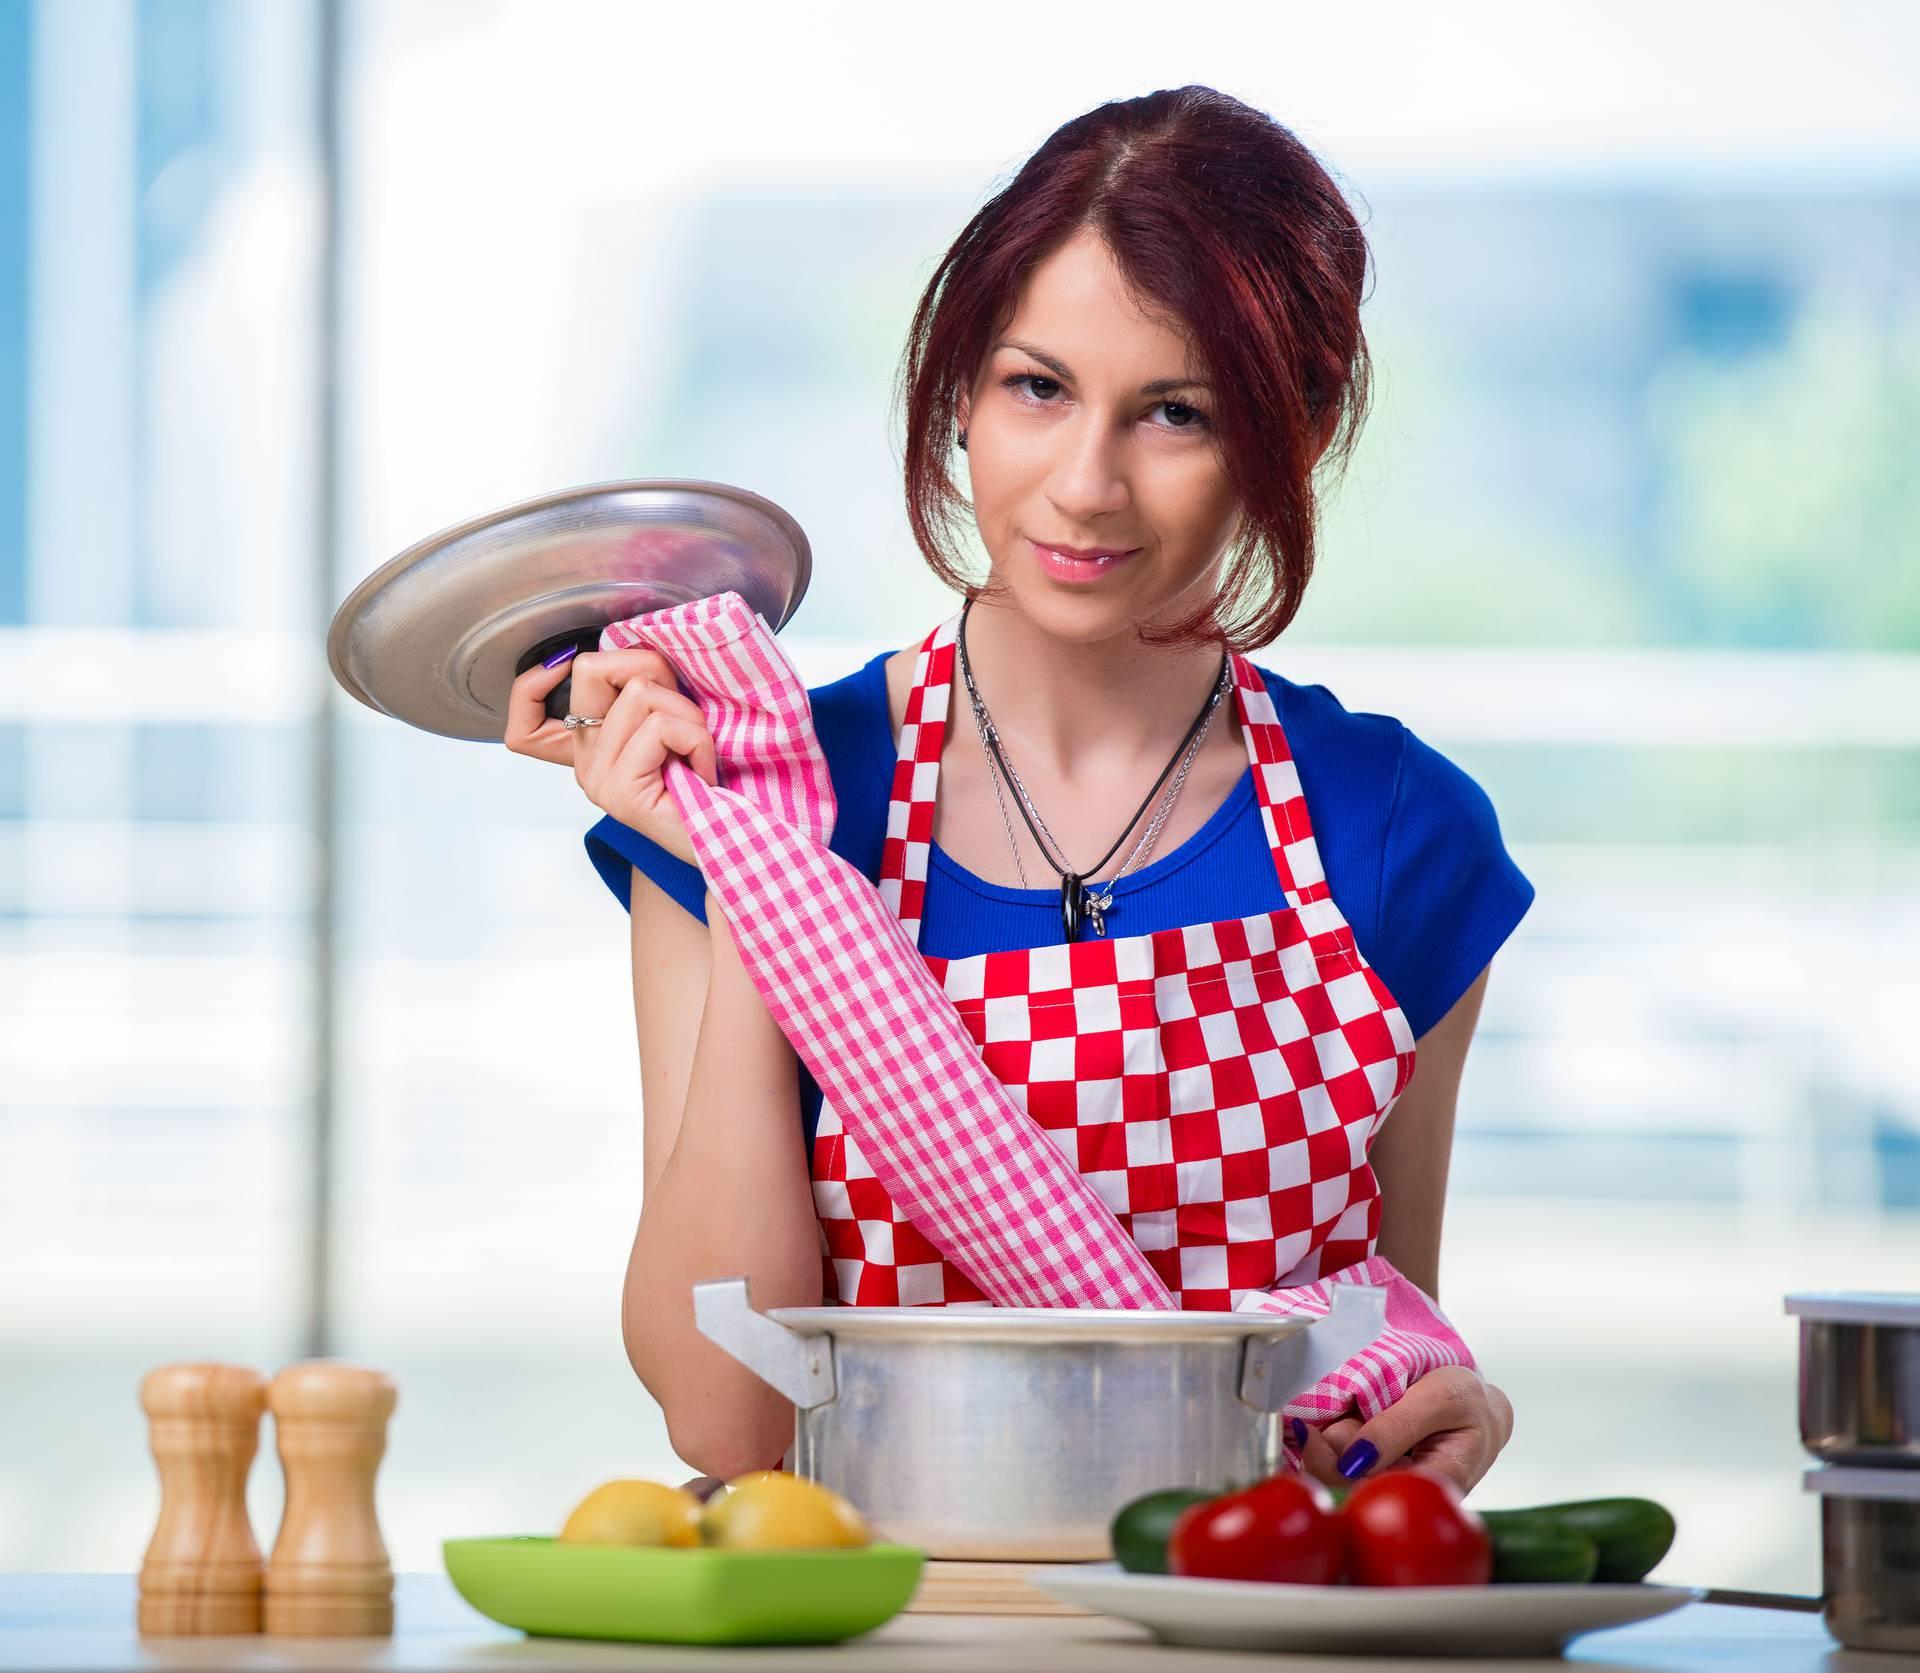 25 trikova u kuhinji: Za bržu pripremu jela i manje nereda